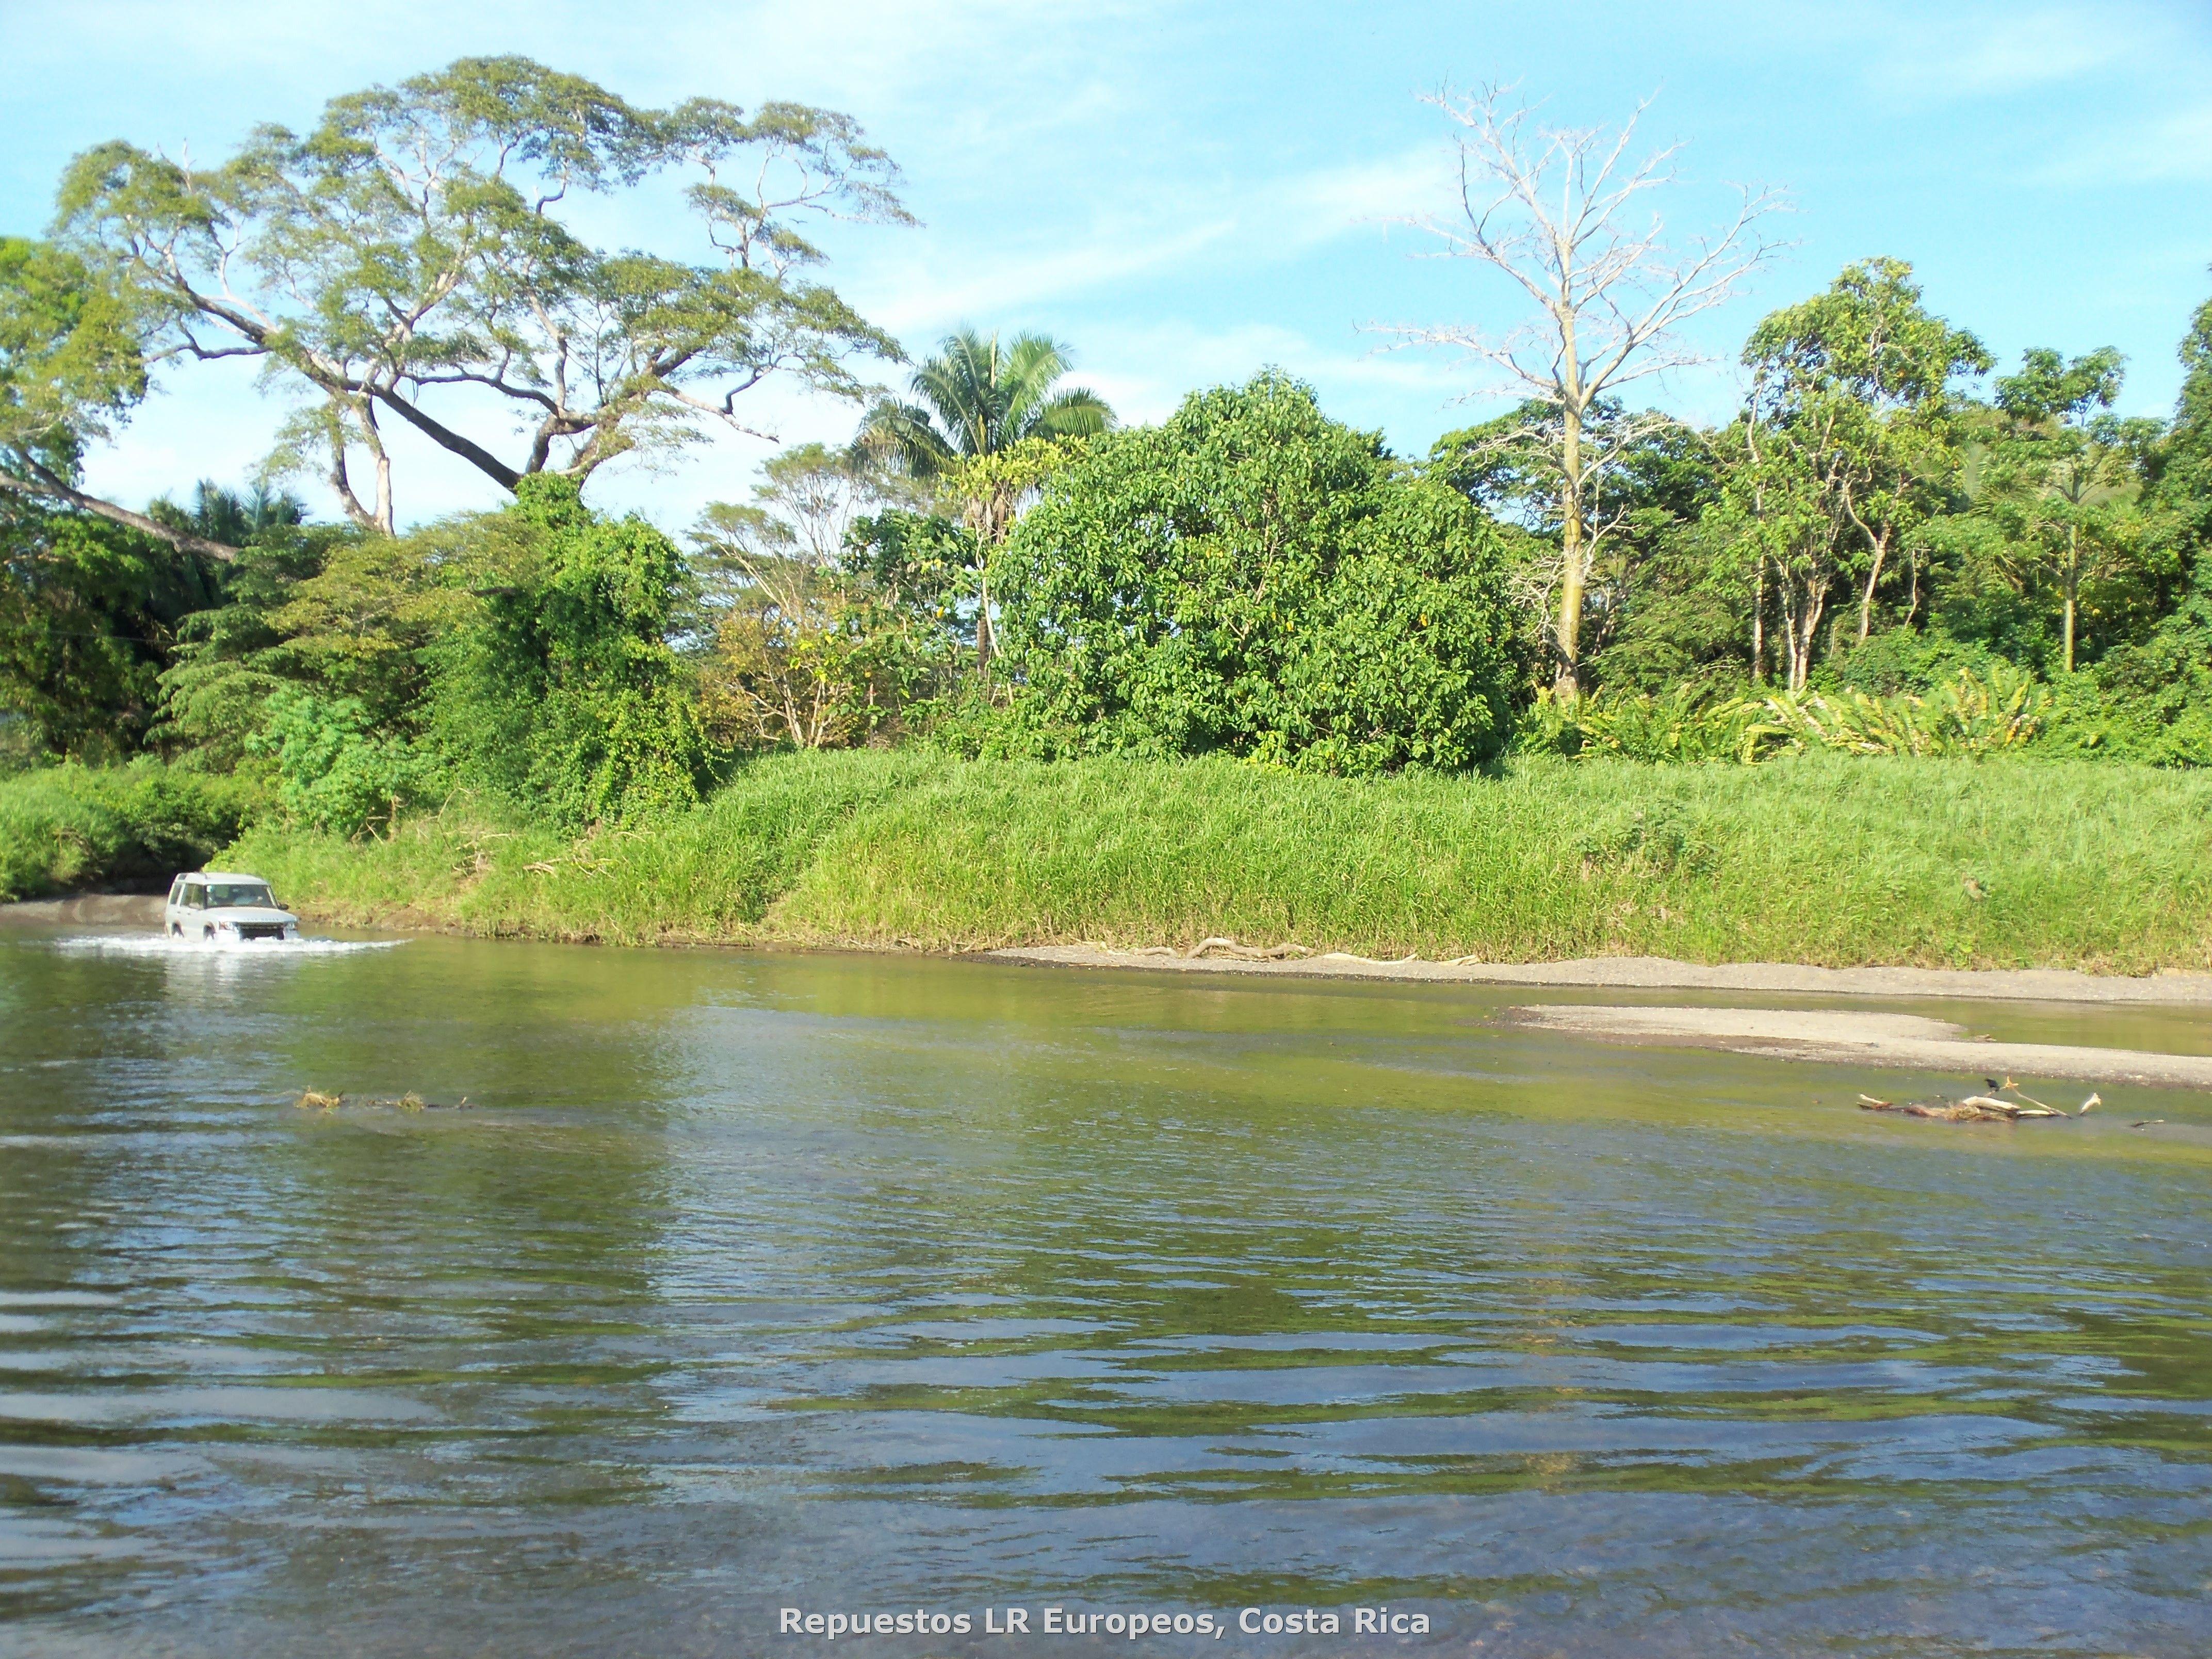 ¿Qué tan profundo será el río? Solo hay una manera de averiguarlo, con su Land Rover